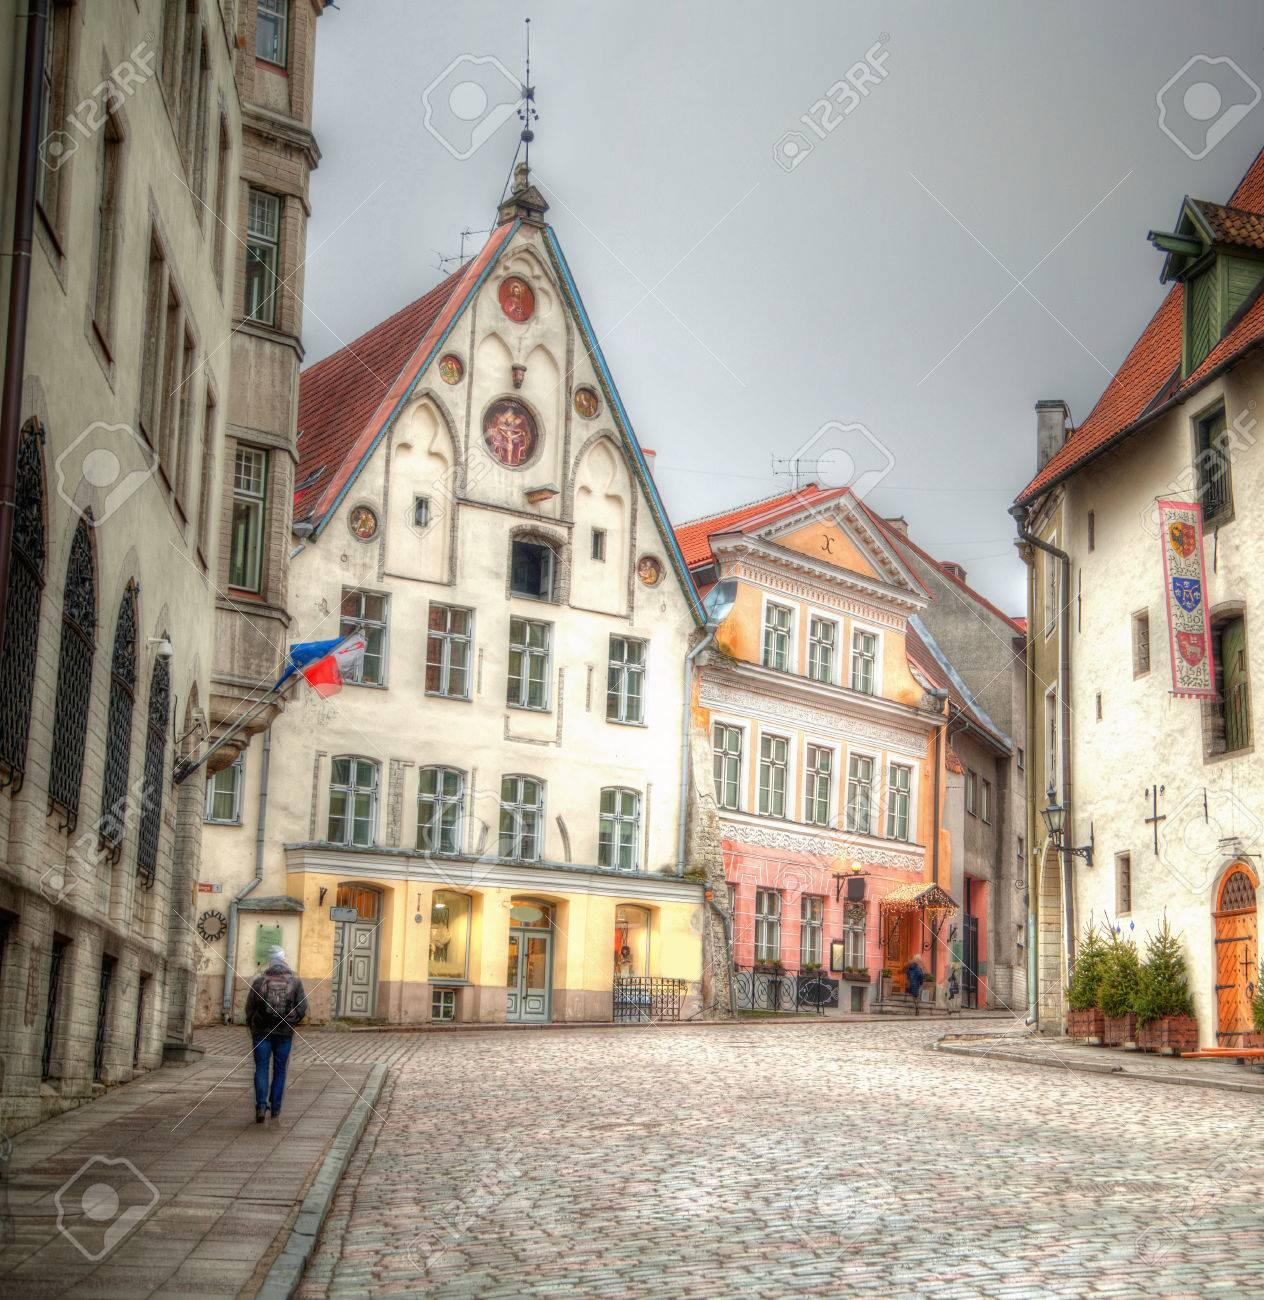 町並み ヨーロッパ